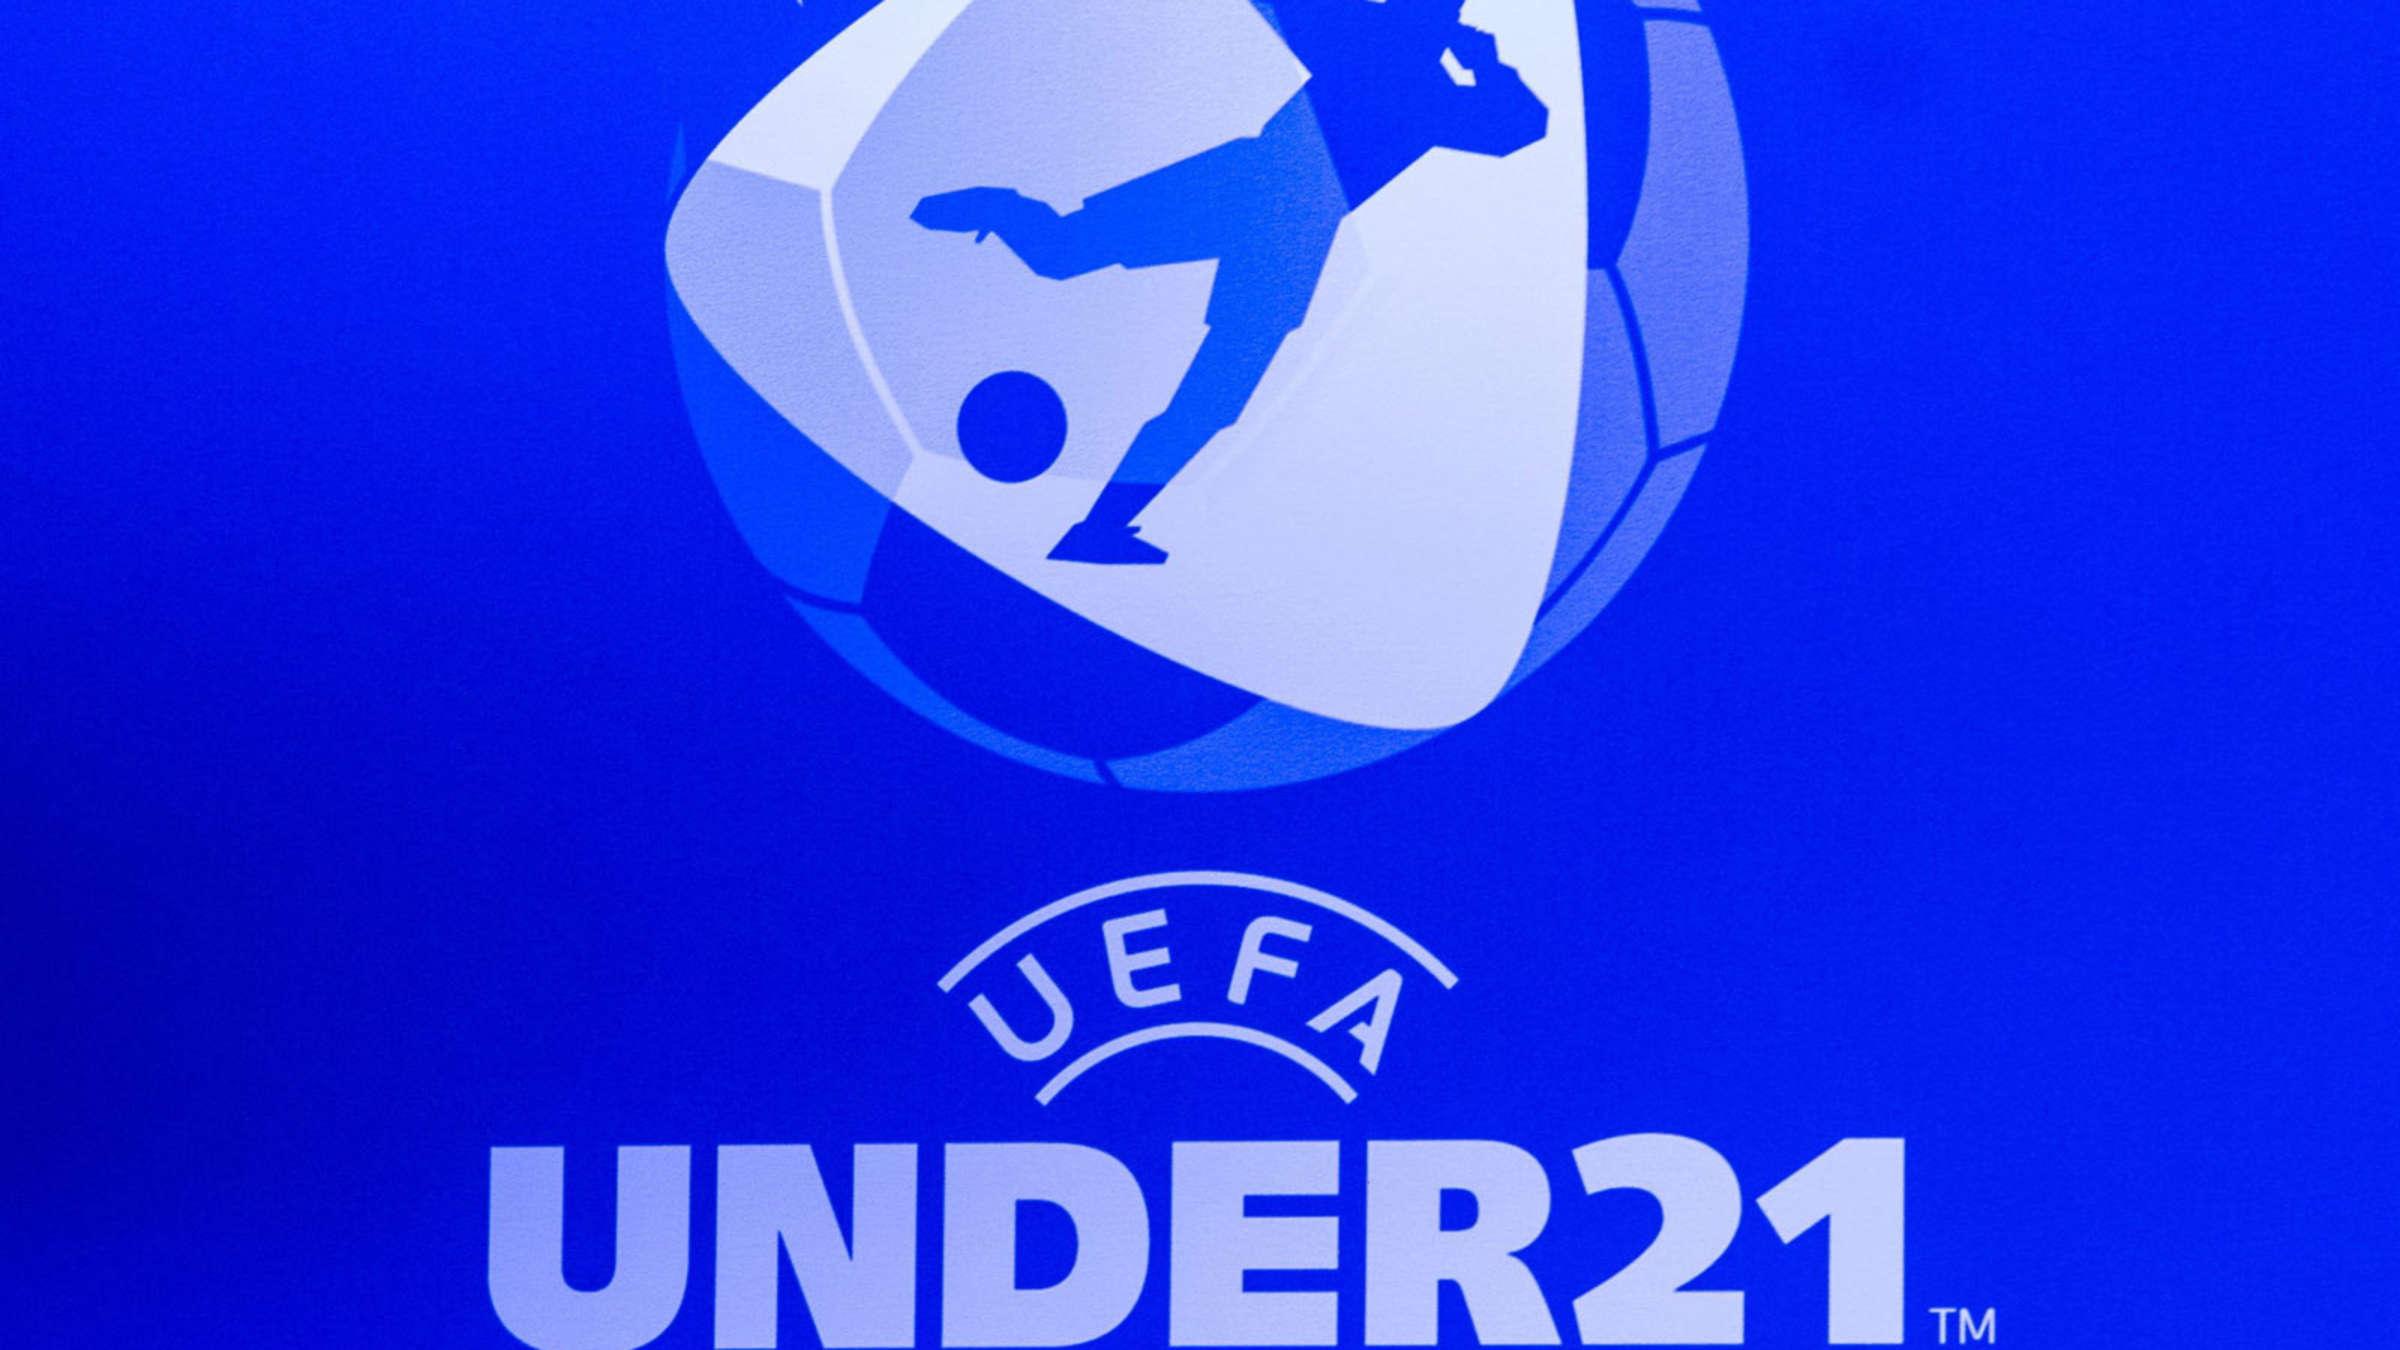 U21 Em Ubertragung Live In Tv Und Live Stream Spielplan